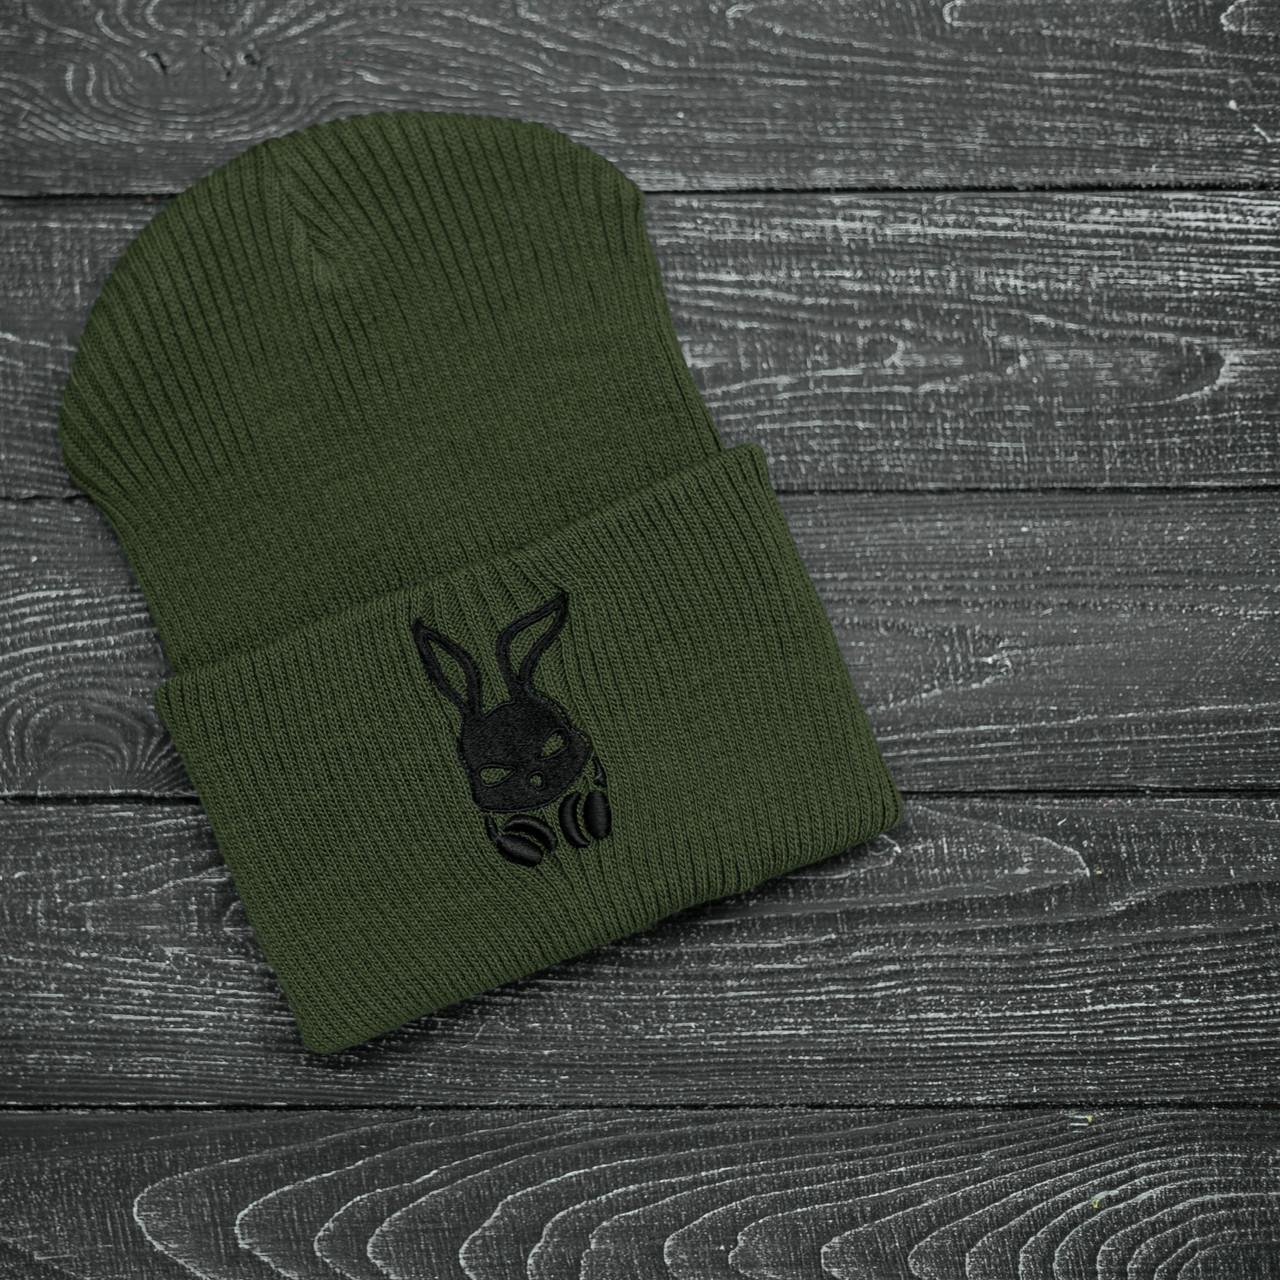 Шапка Мужская | Женская Intruder зимняя bunny logo хаки Intruder